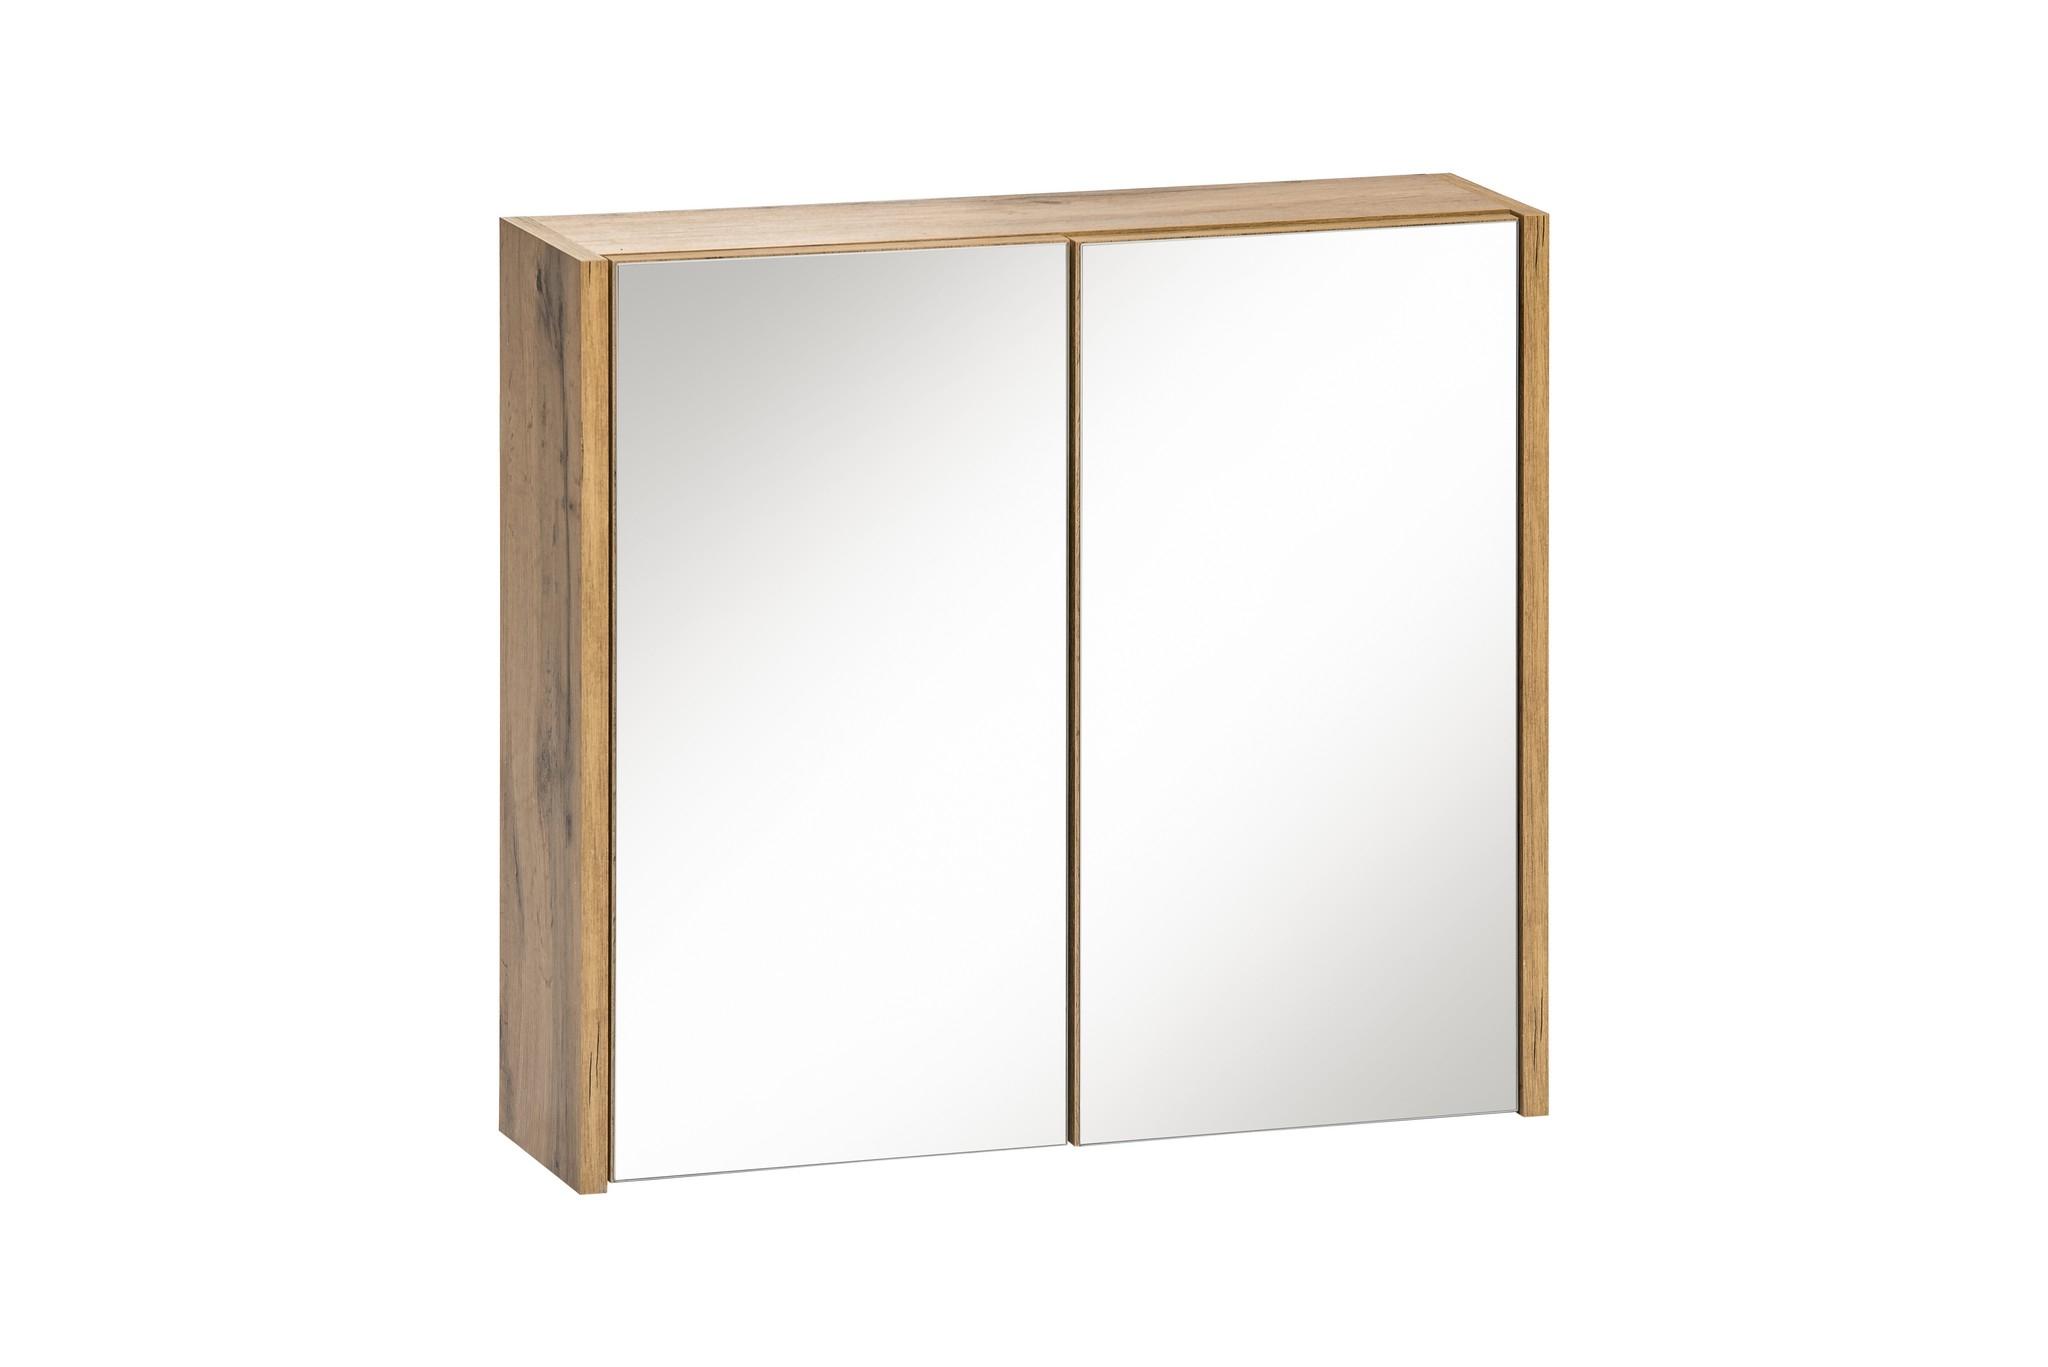 Dulap baie suspendat cu 2 usi si oglinda, Ibiza White, l60xA16xH55 cm imagine